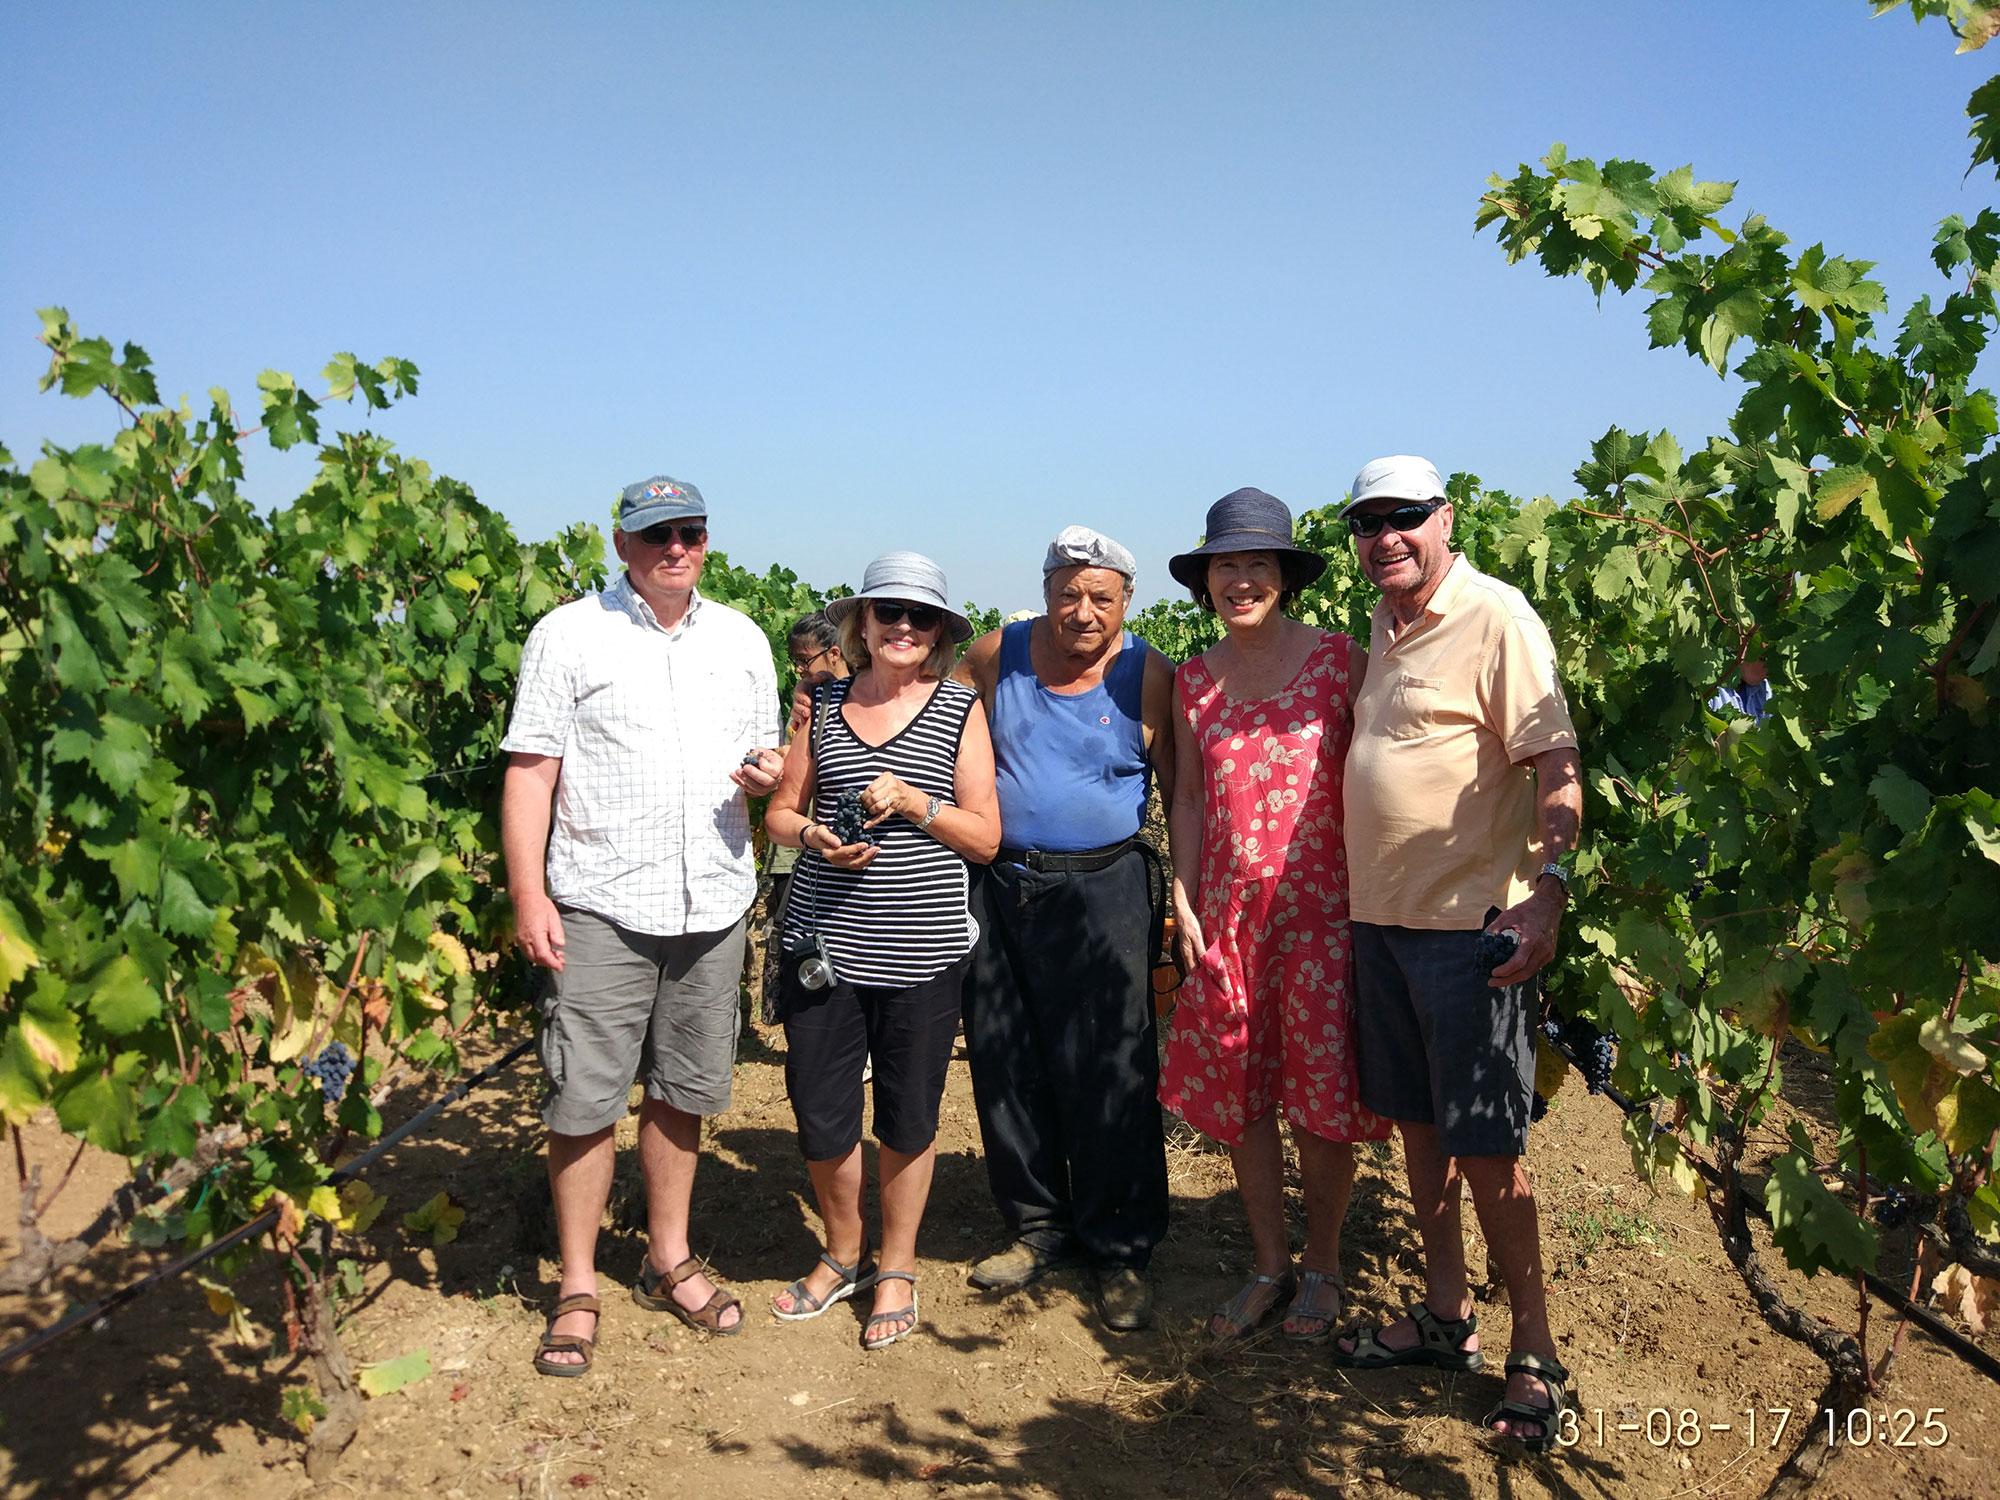 Il gruppo di viaggiatori americani che Alessandro Perrone ha accompagnato. Al centro, un componente di Vigne Monache.